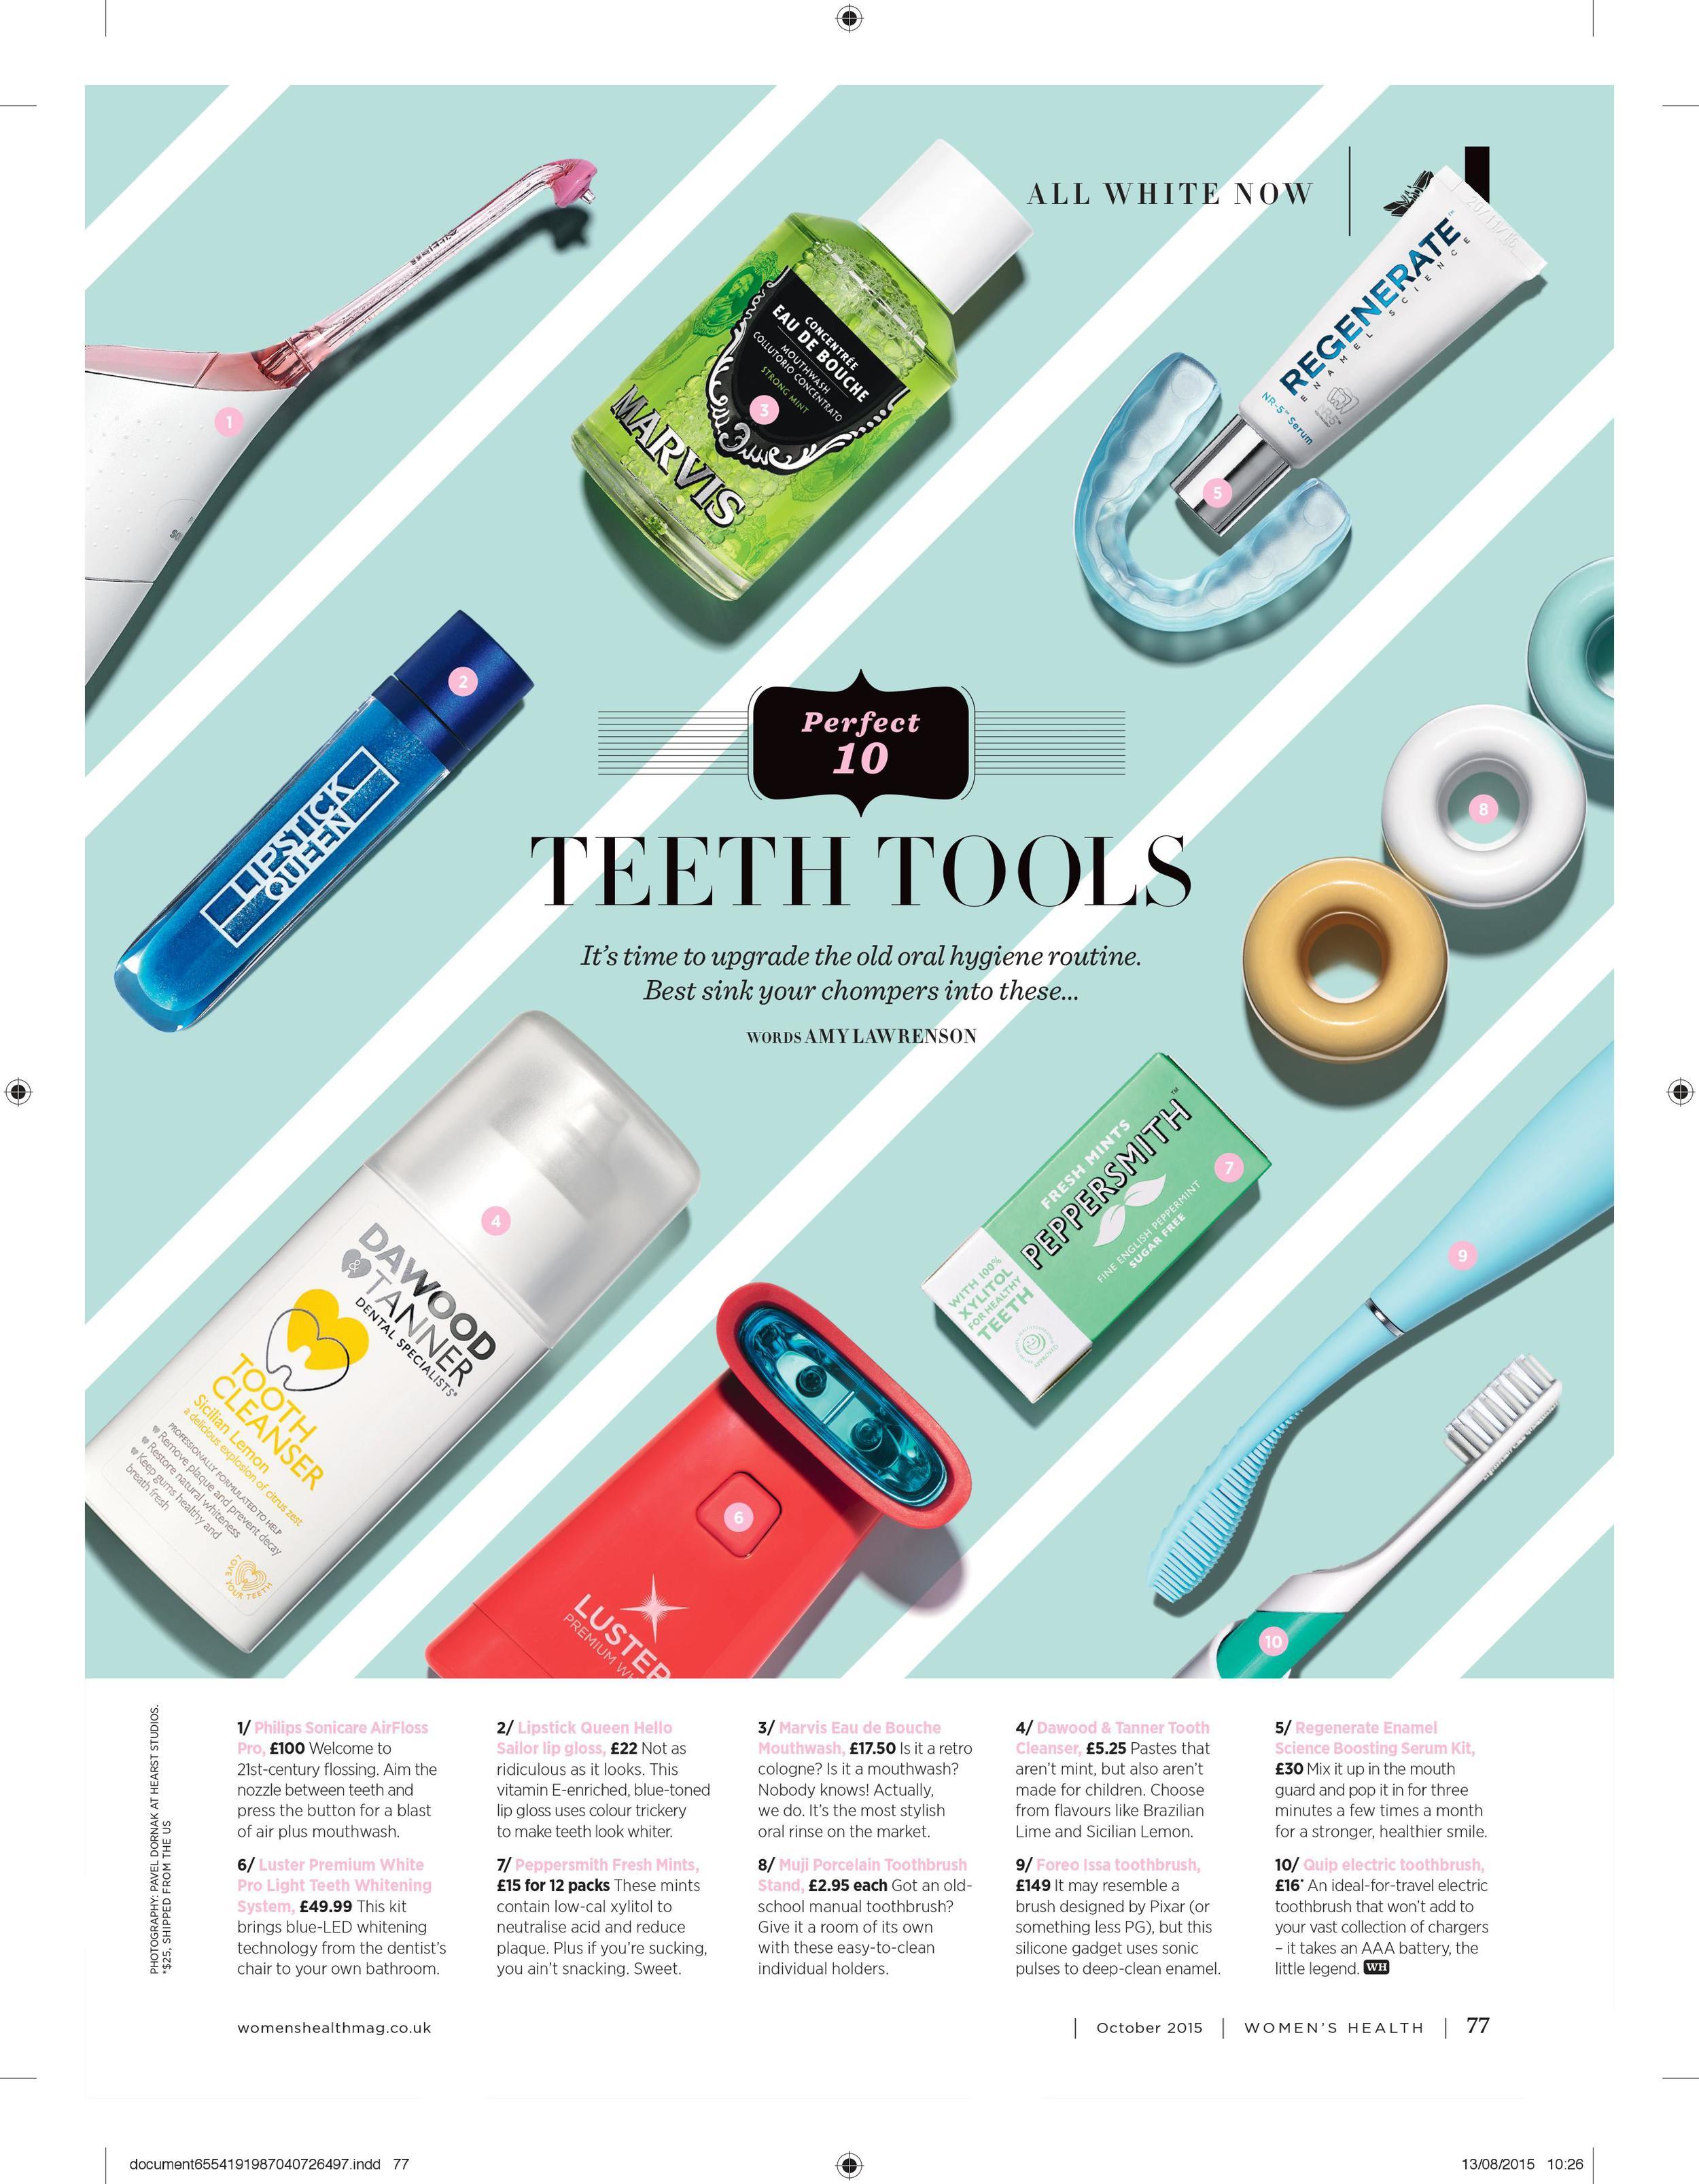 Perfect 10: Teeth Tools